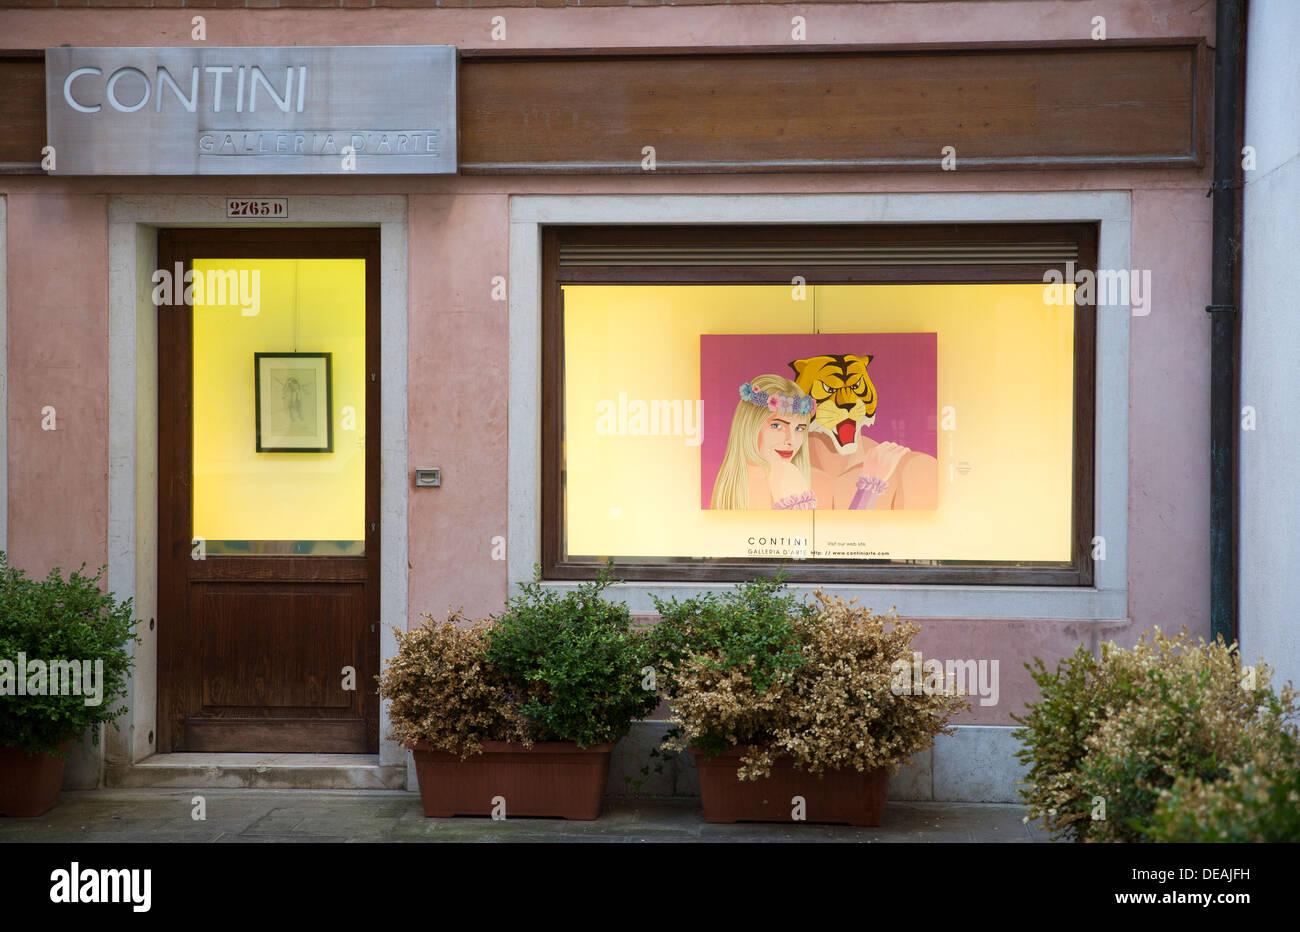 La Cicciolina PICTURE IN THE CONTINI ART STORE, VENICE, ITALY - Stock Image